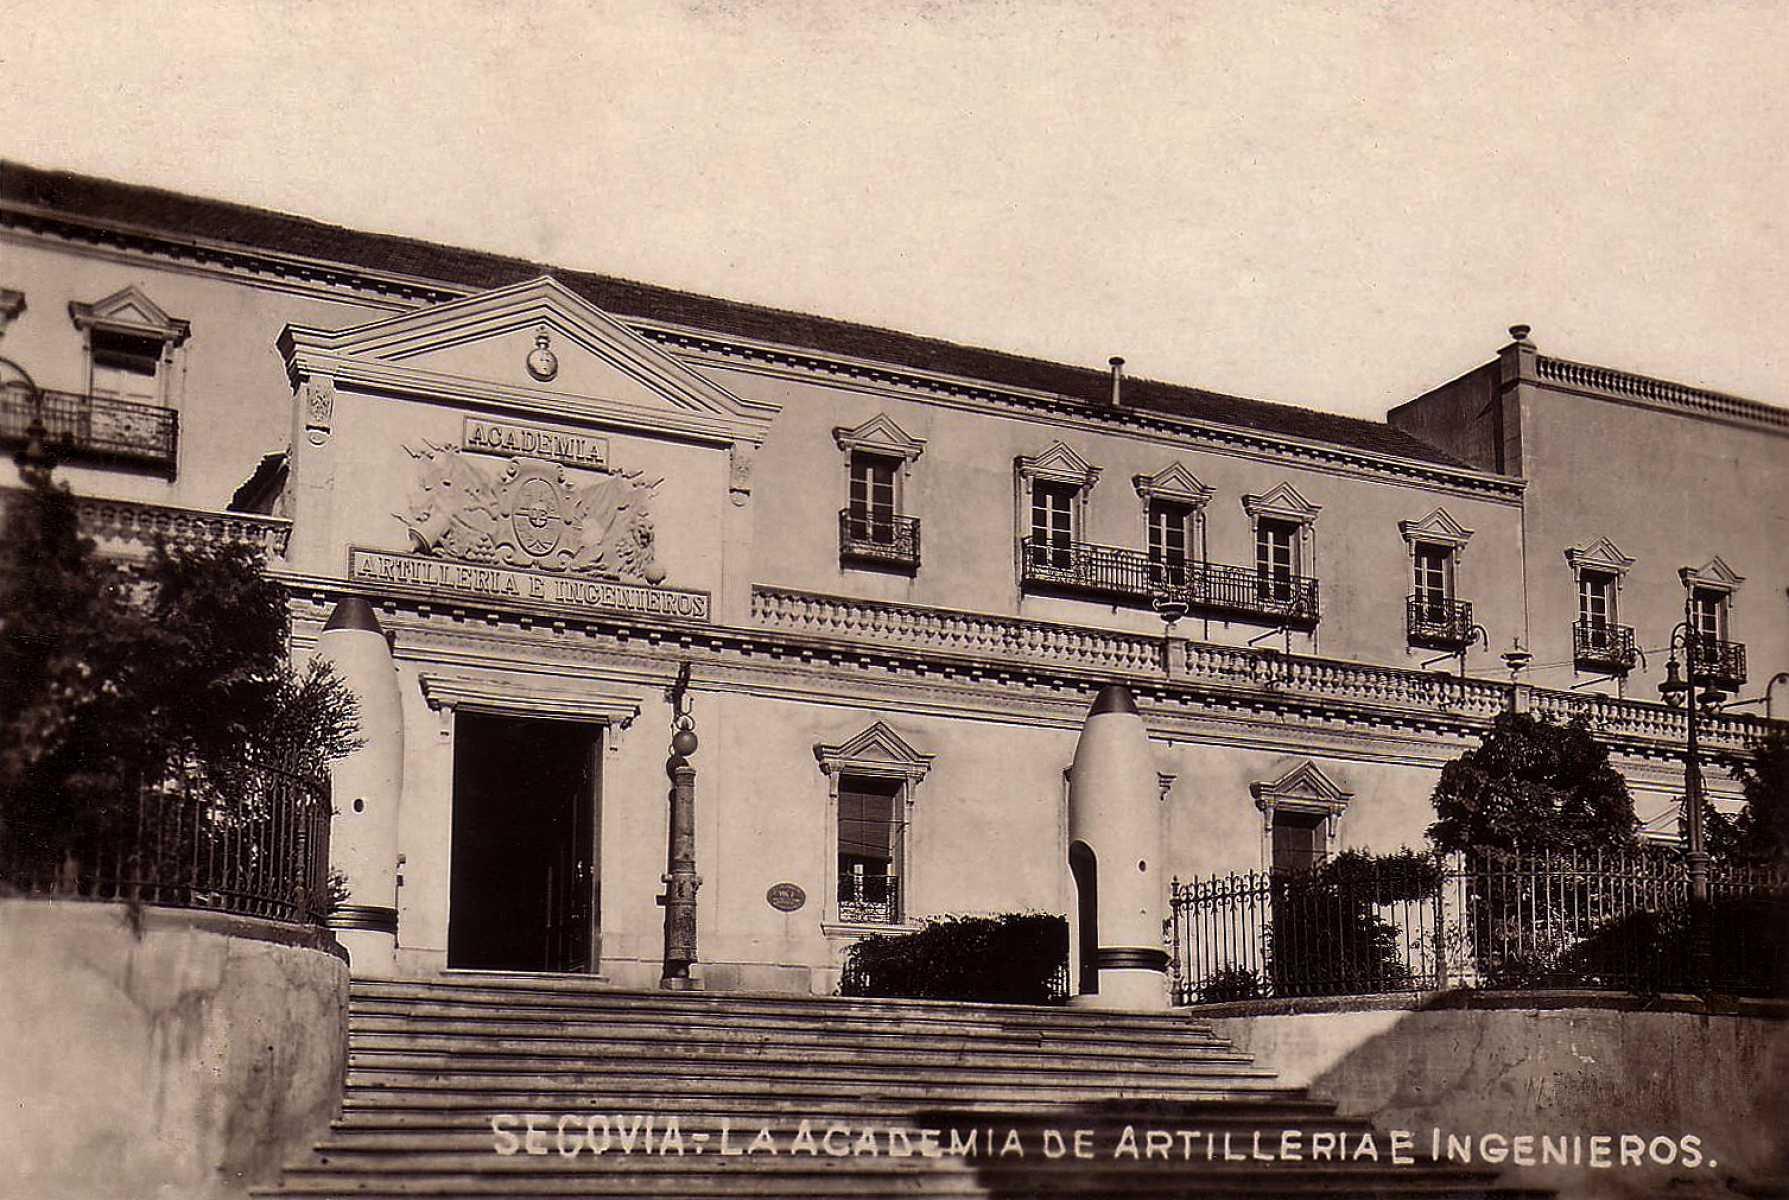 Fachada de San Francisco. El 30 de junio de 1931 se creó la Academia mixta de Artillería e Ingenieros.